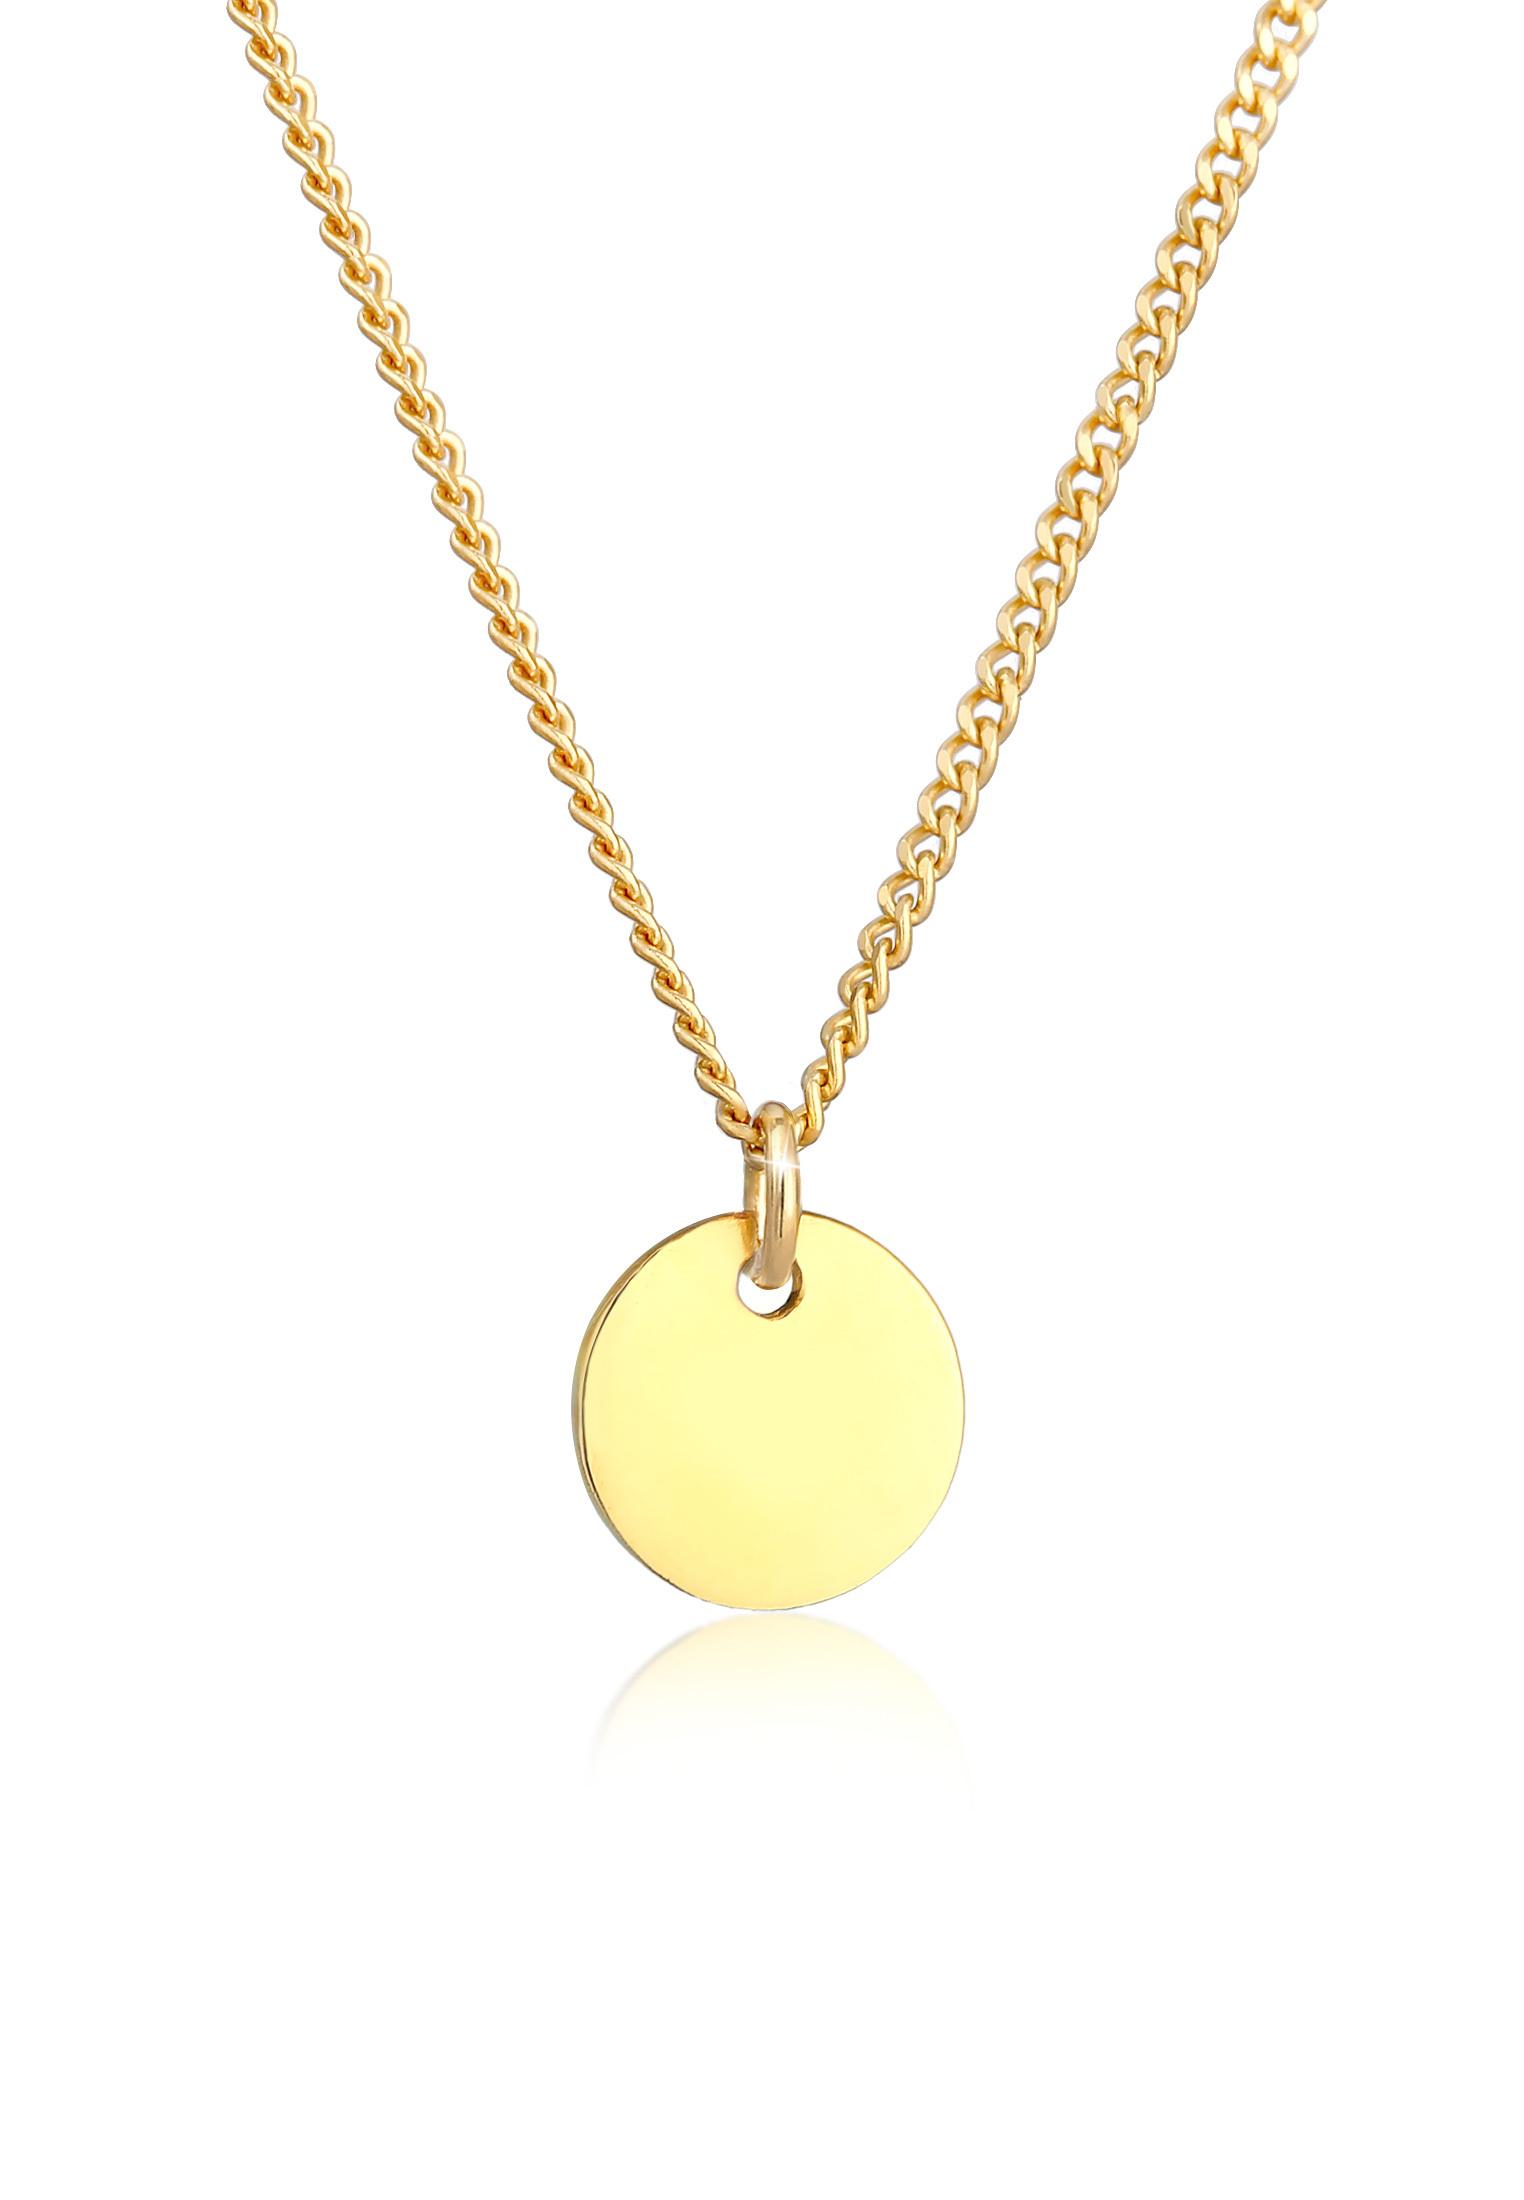 Halskette Plättchen | 375er Gelbgold